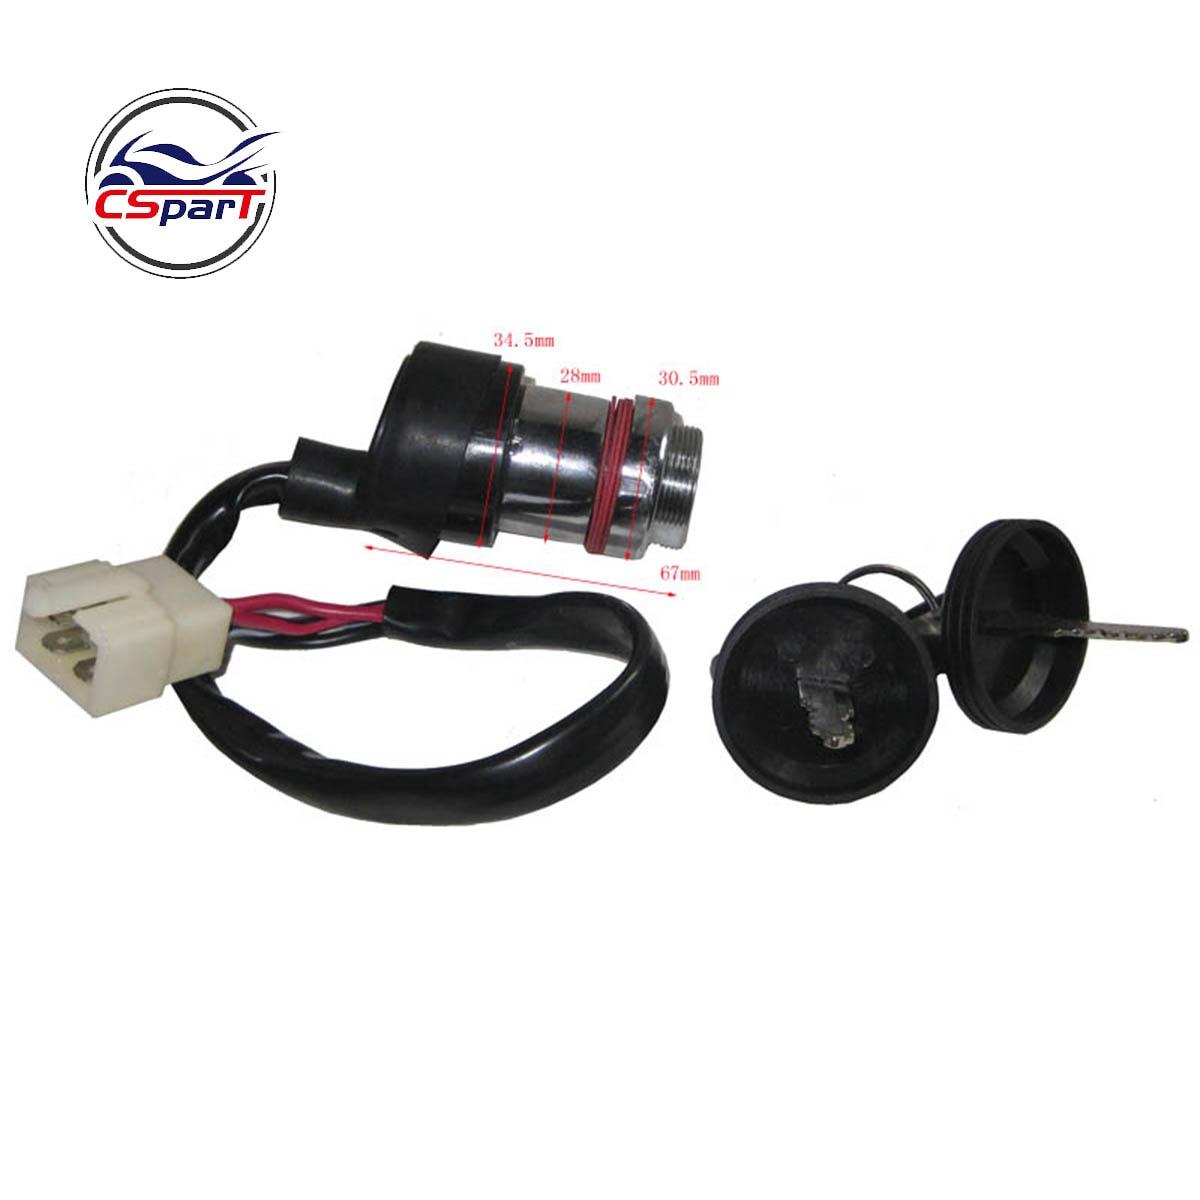 Ignition Key Switch Lock 4 Wires For Linhai 250 250cc 260 260cc 300 300cc 400 400cc ATV UTV